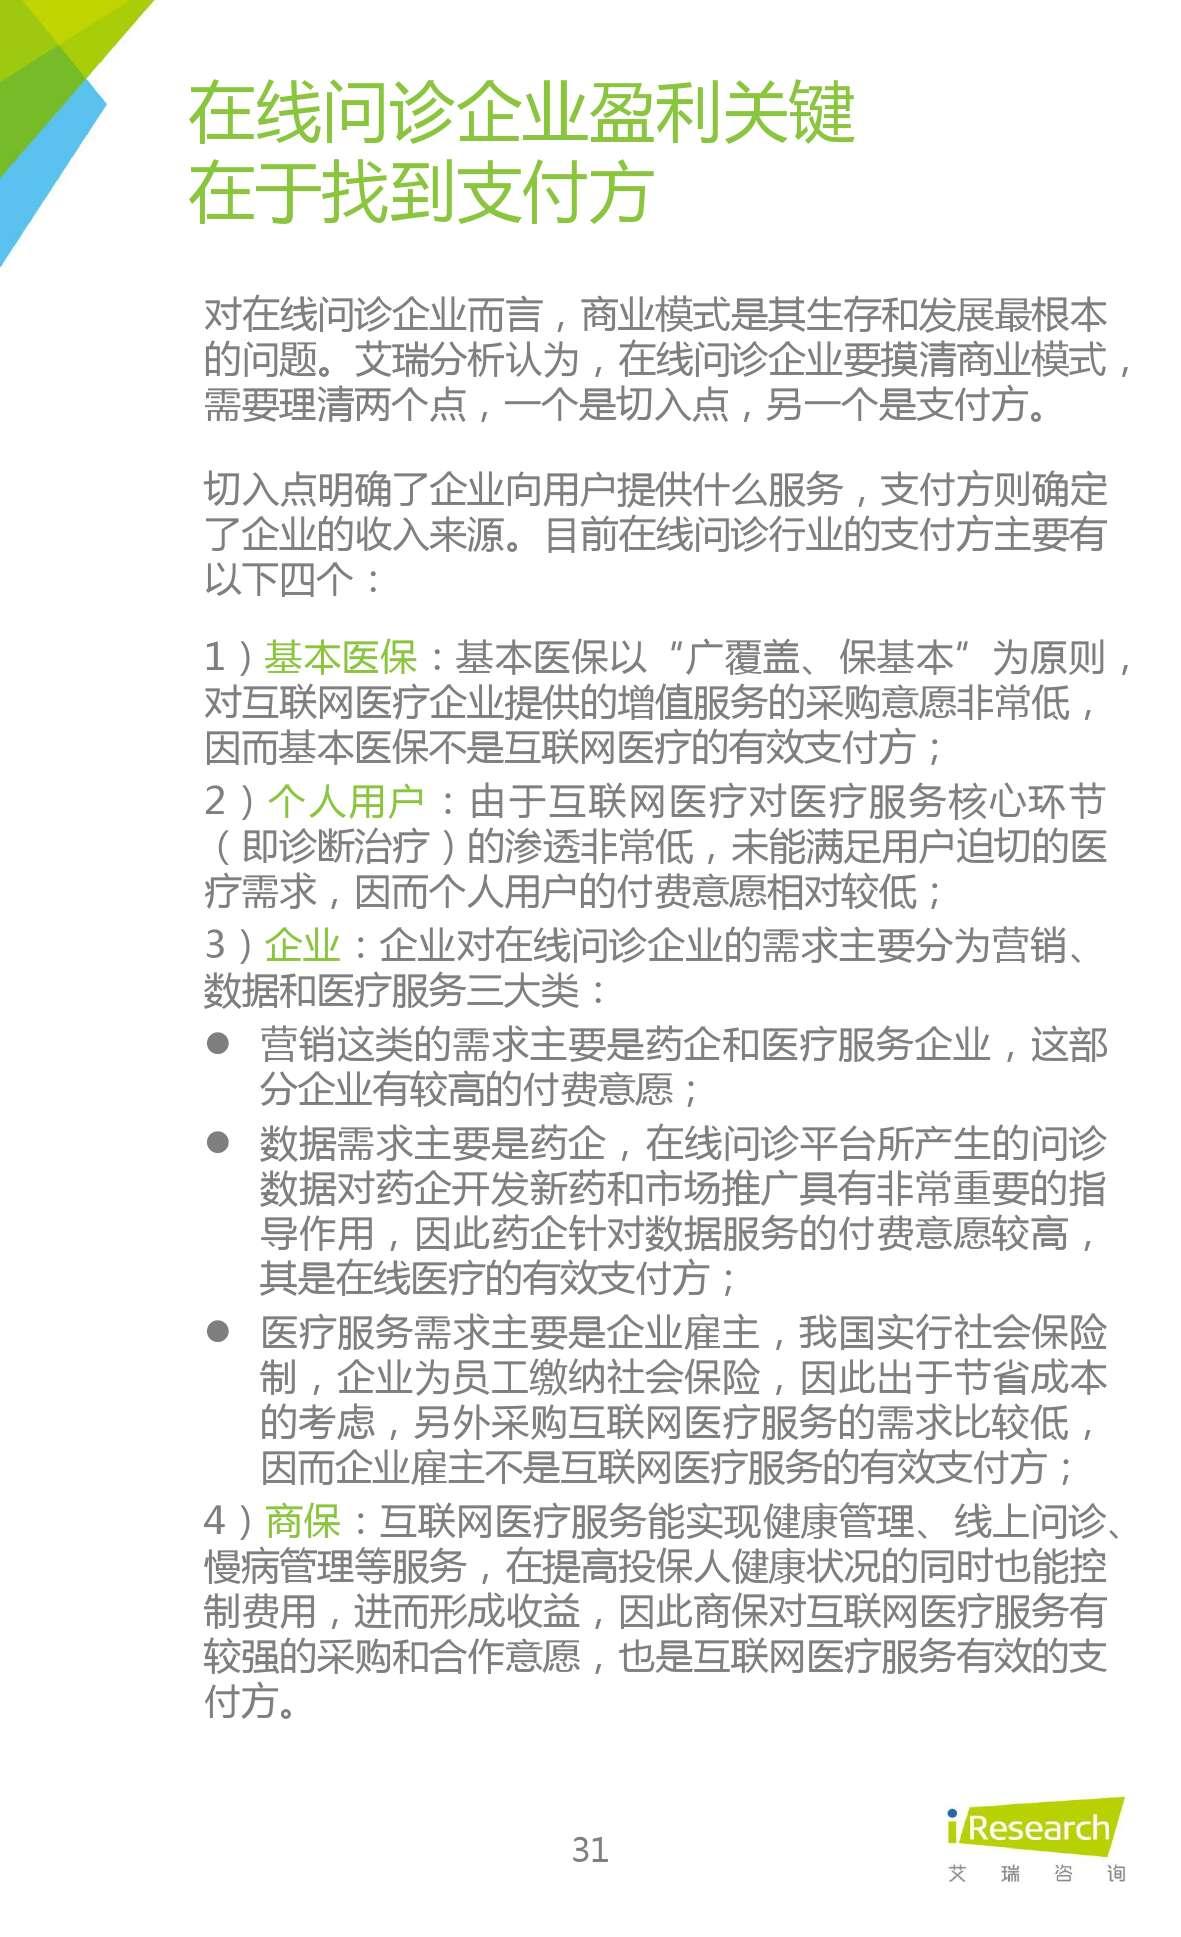 2015年中国在线问诊行业研究报告_000031